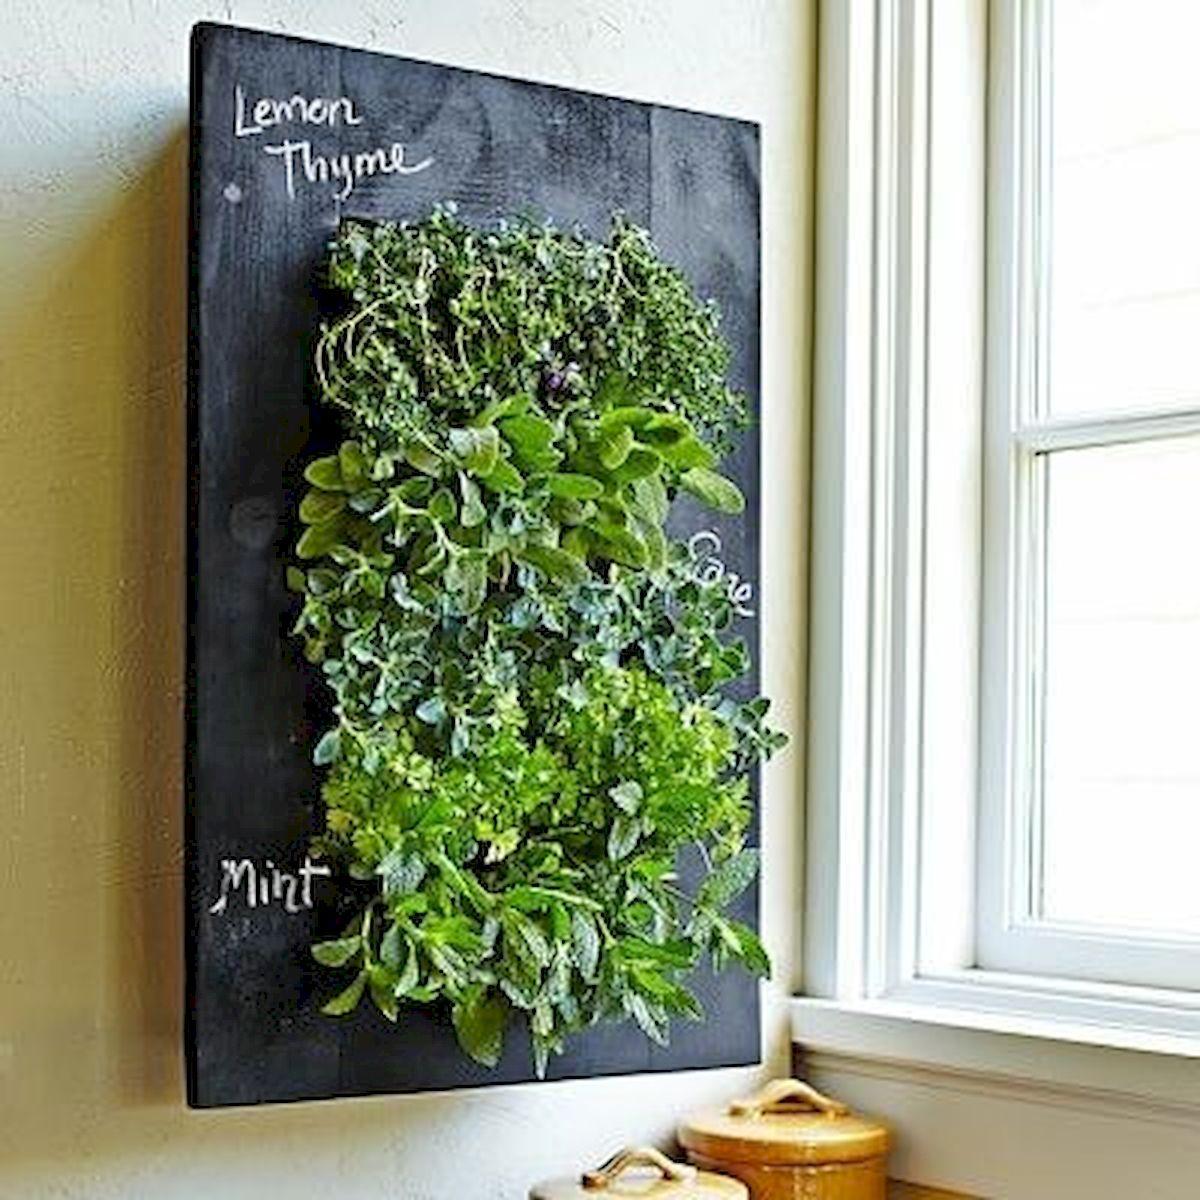 44 Creative DIY Vertical Garden Ideas To Make Your Home Beautiful (43)